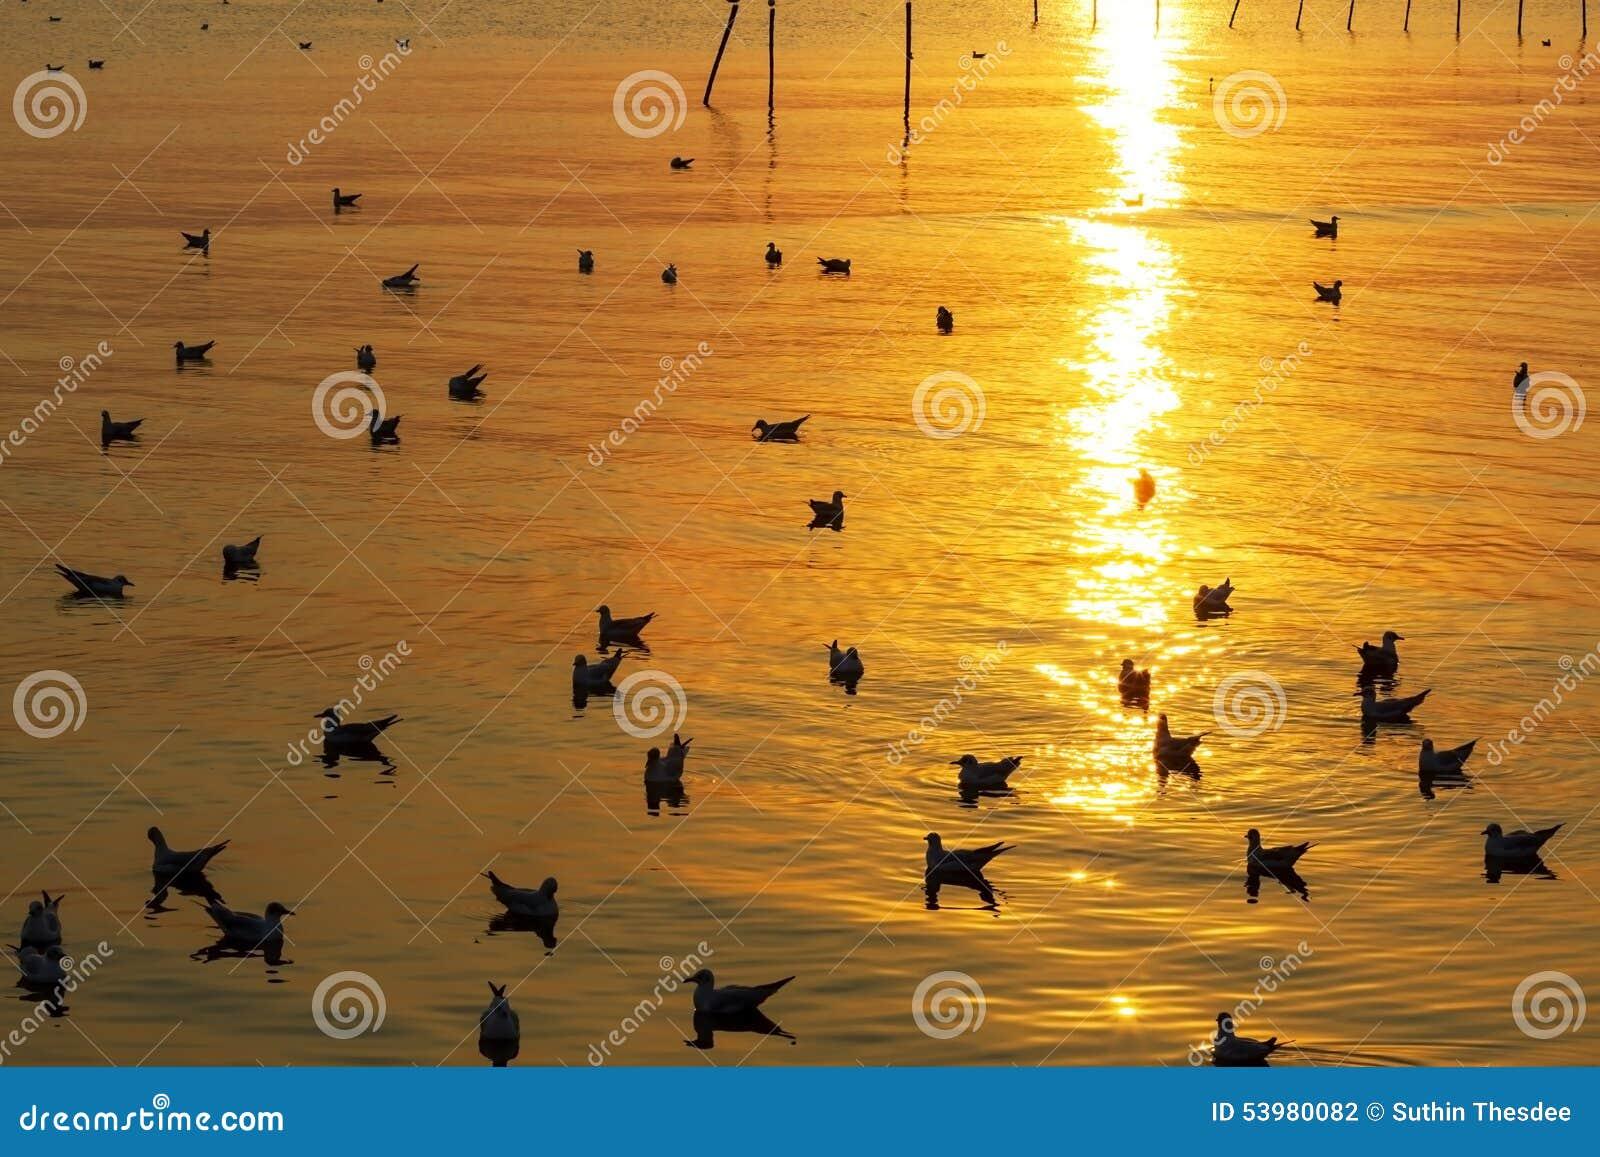 Светлая золотая sunest чайка